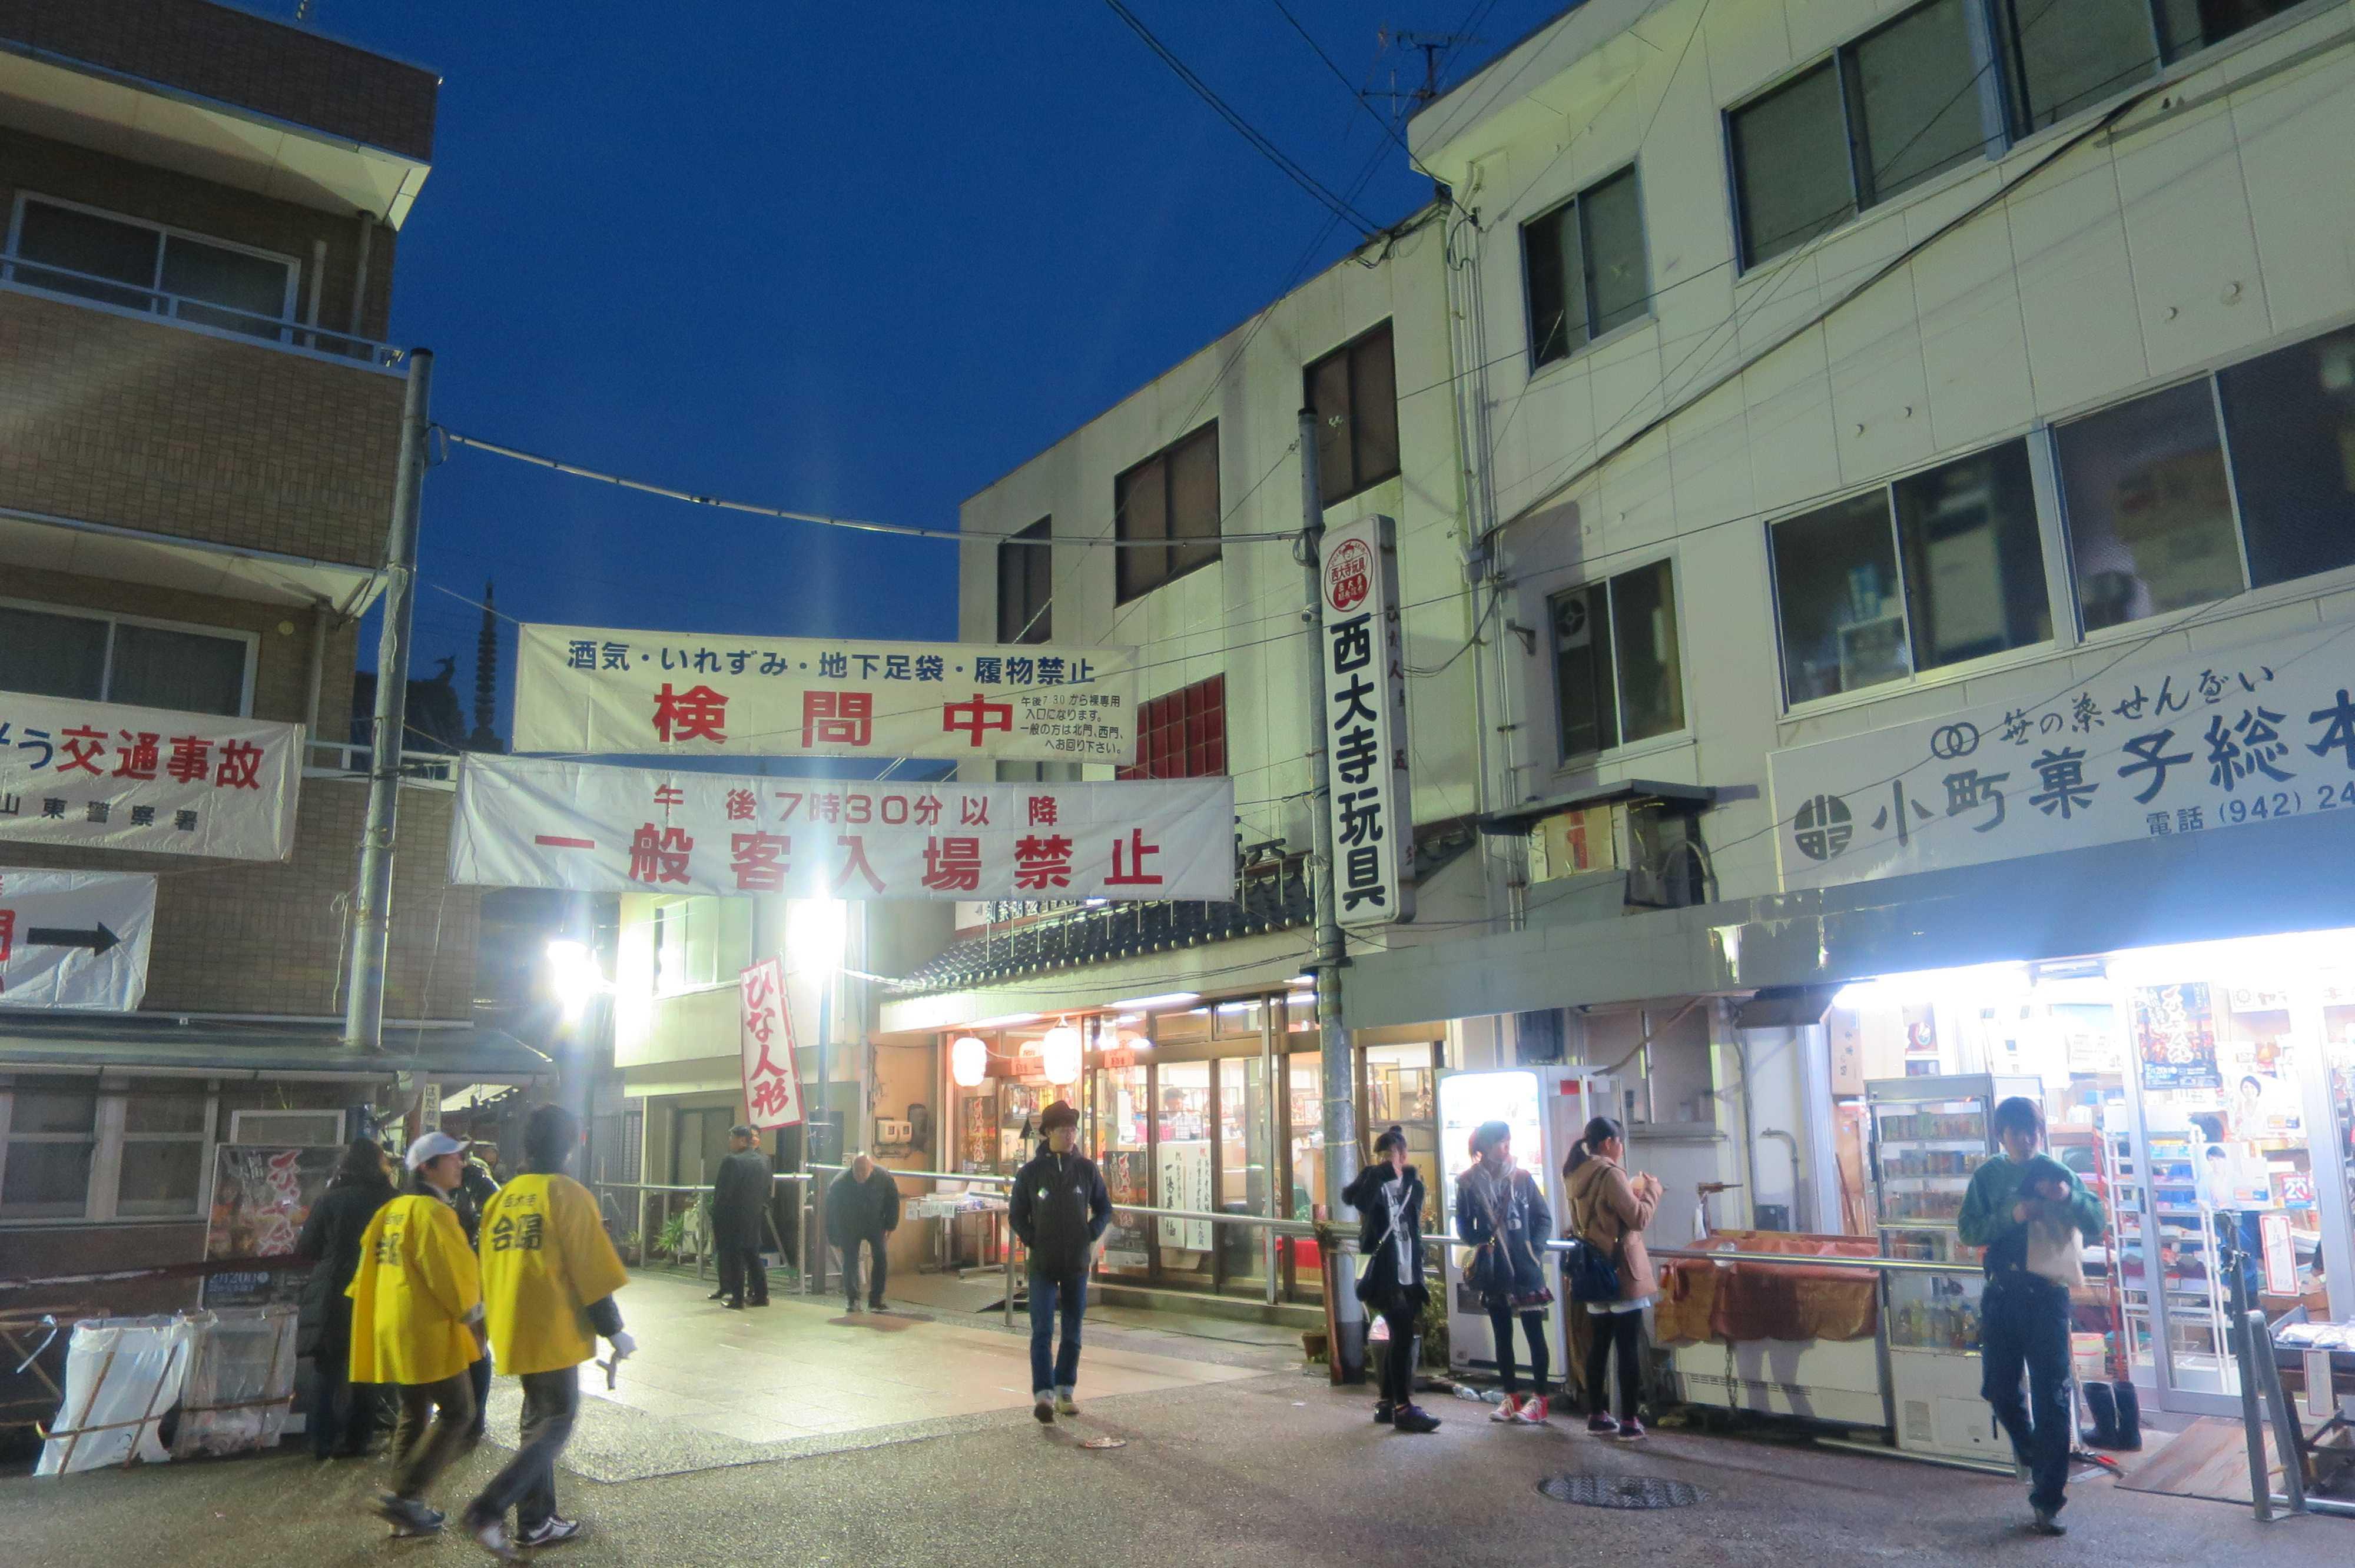 西大寺・仁王門前の商店街(門前町商店街)